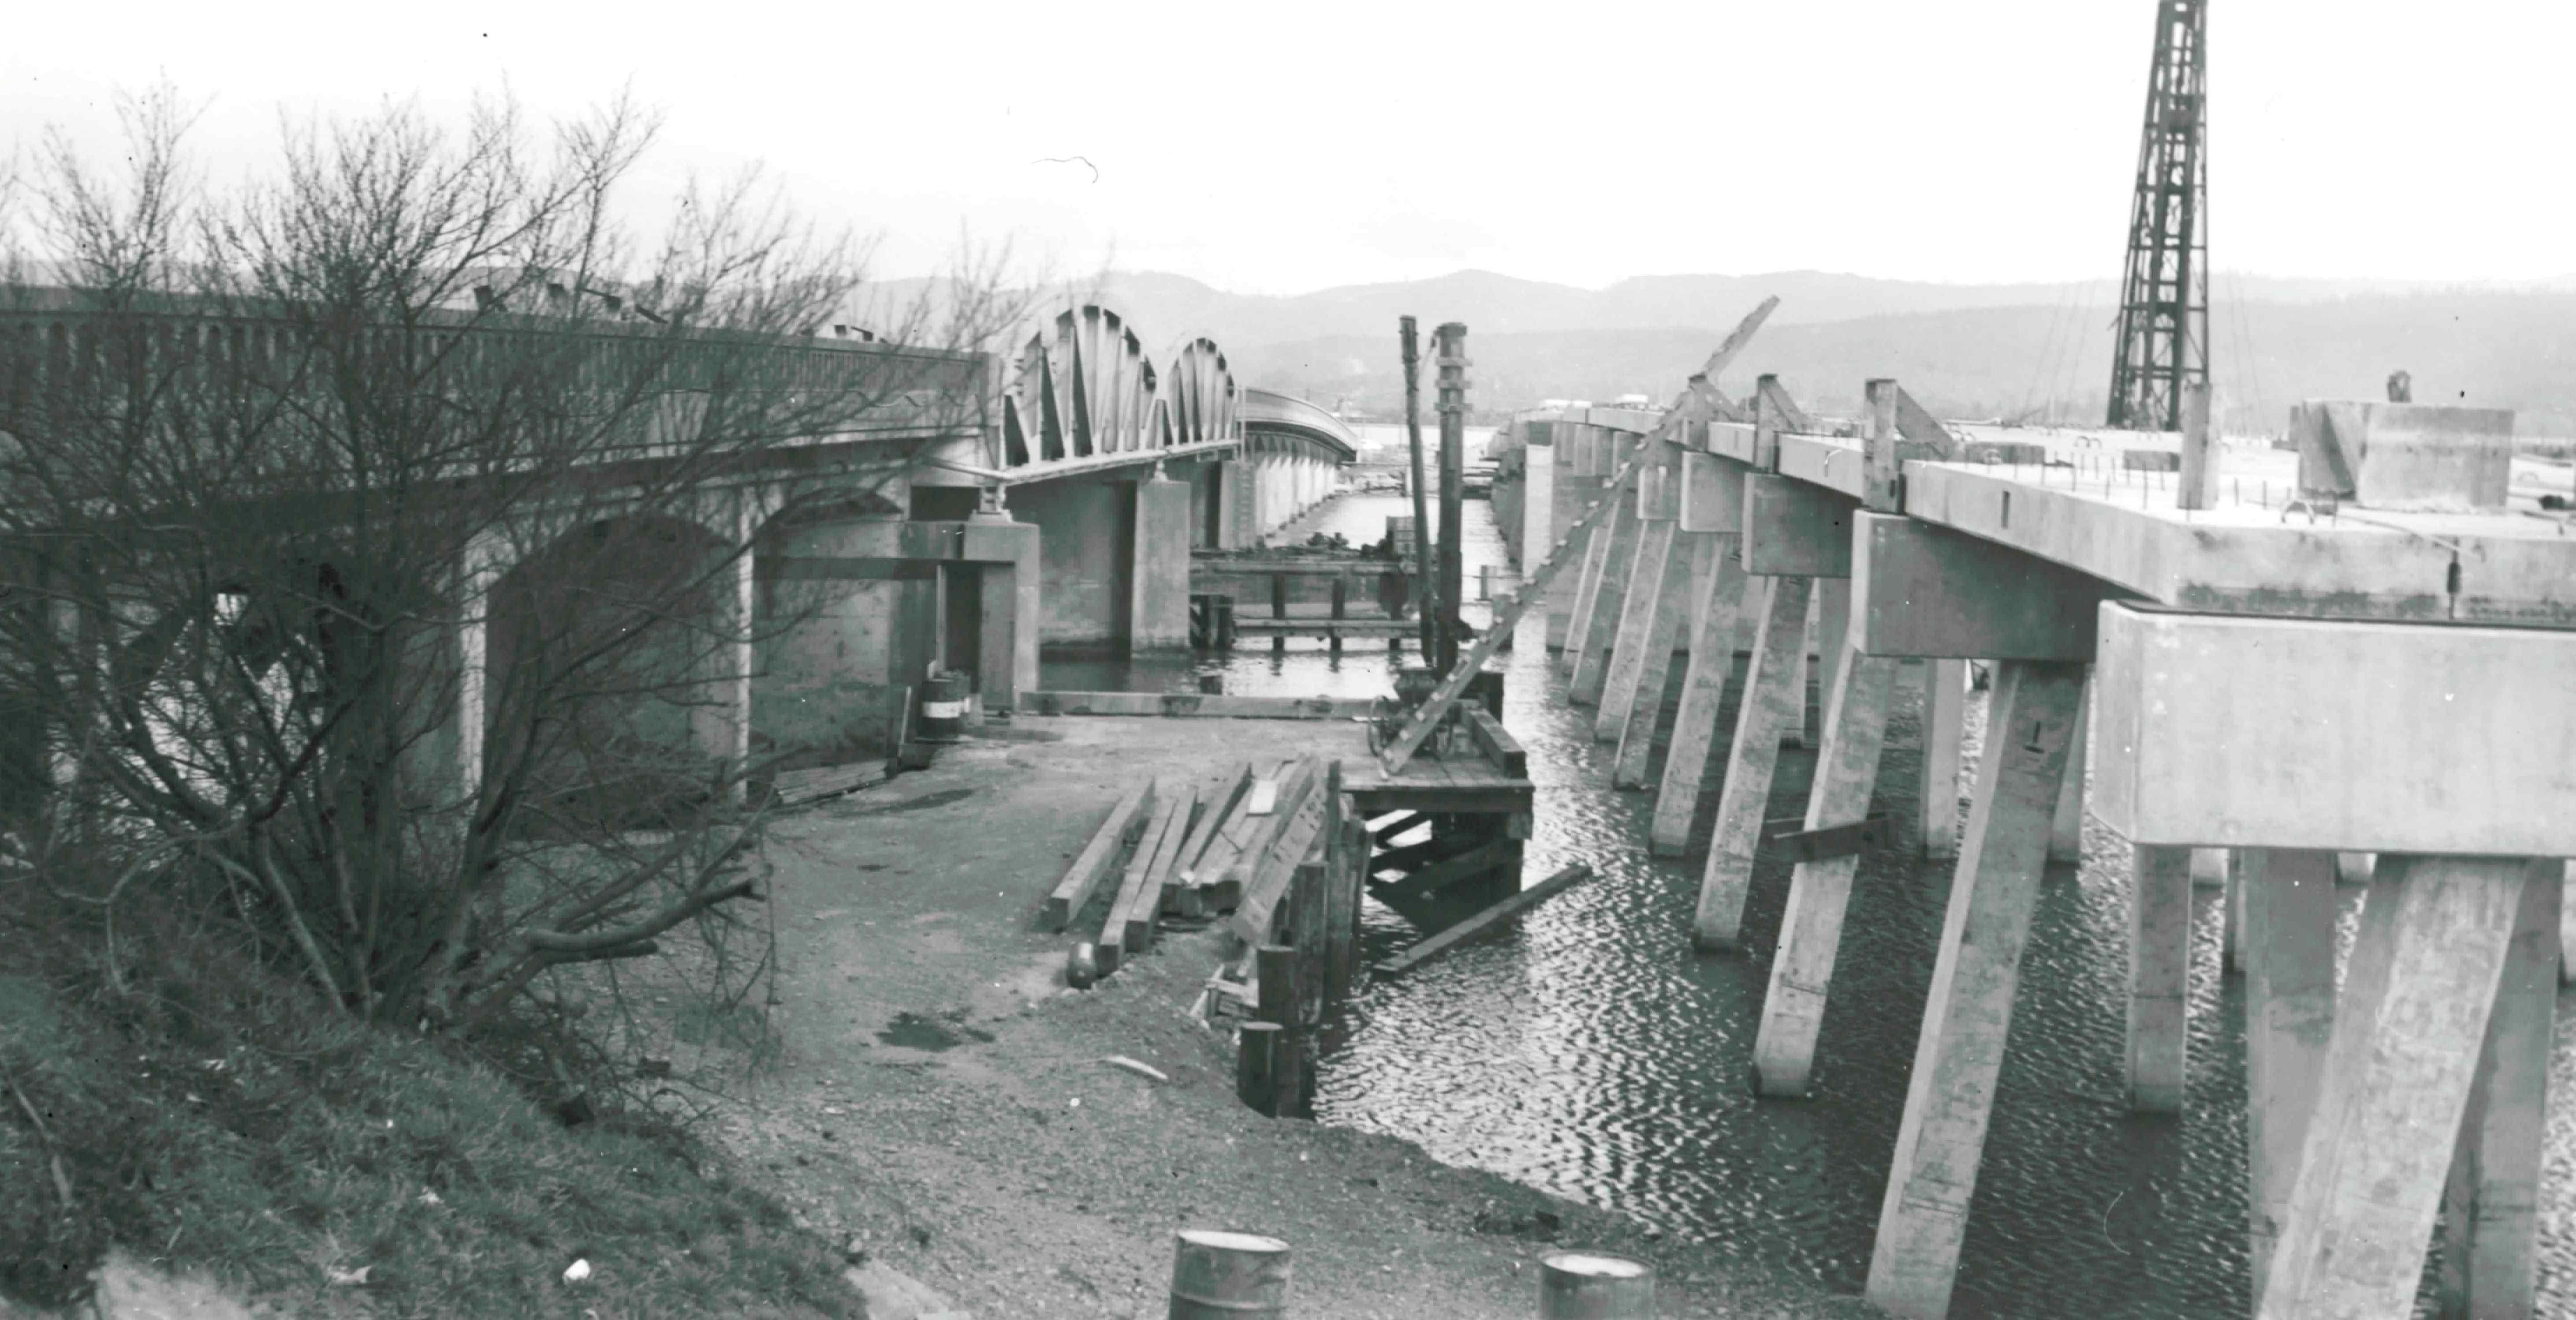 Bridge Construction, North of Eureka, CA